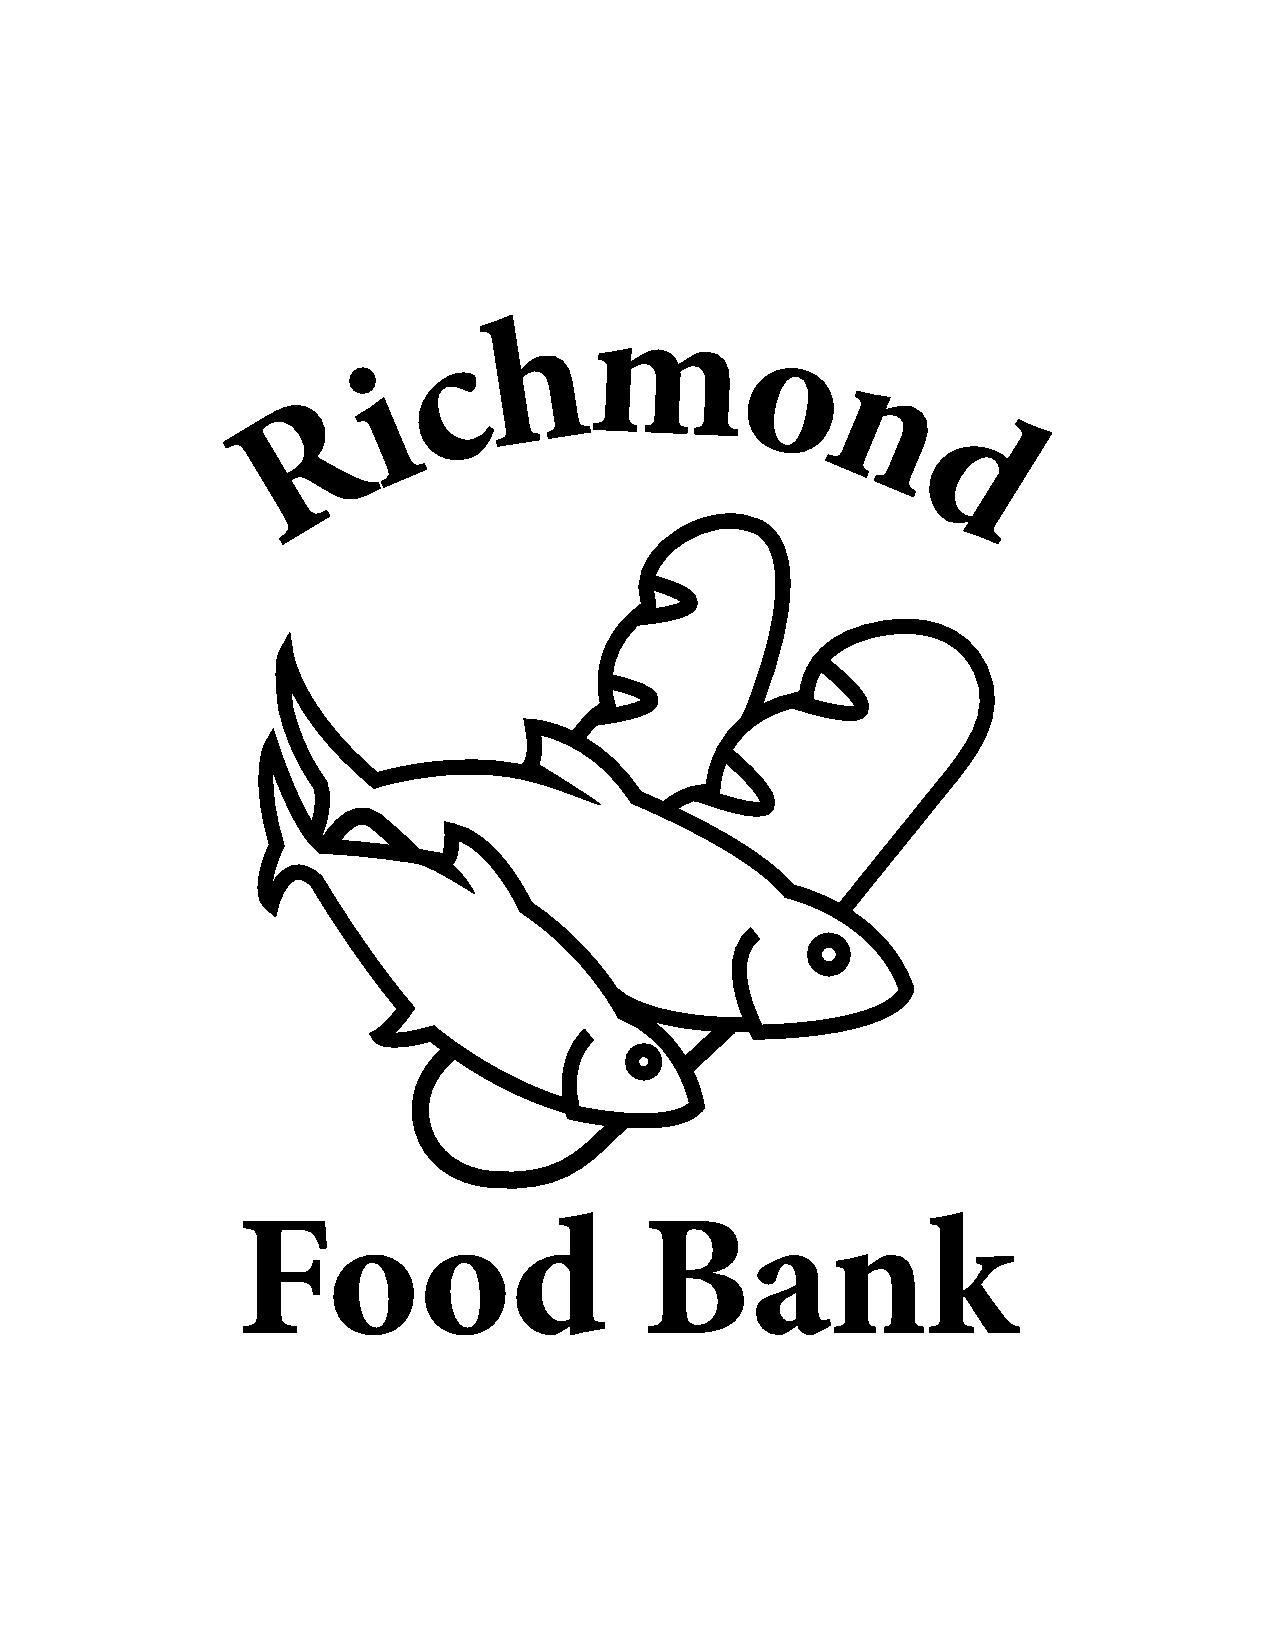 RFBS-Logo-Black-Logo-White-Background - .jpg